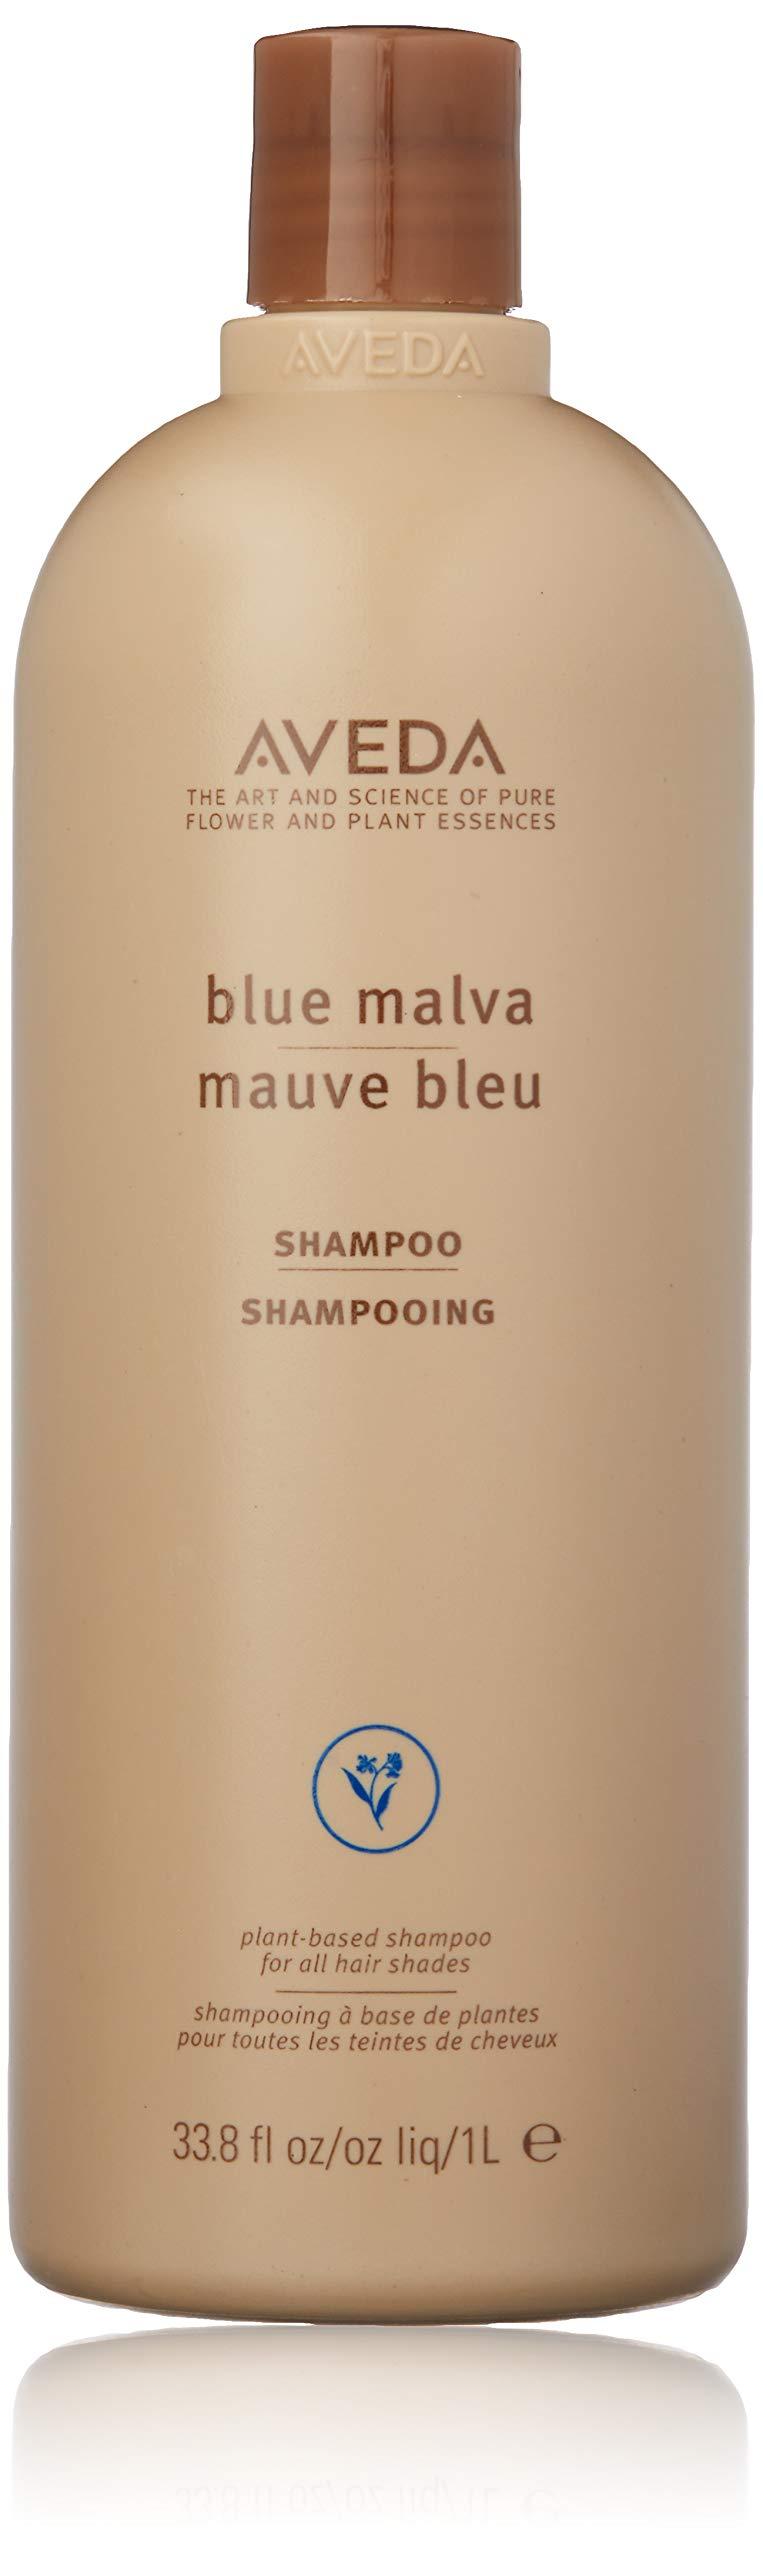 AVEDA by Aveda: Blue Malva Color Shampoo 33.8 OZ by AVEDA